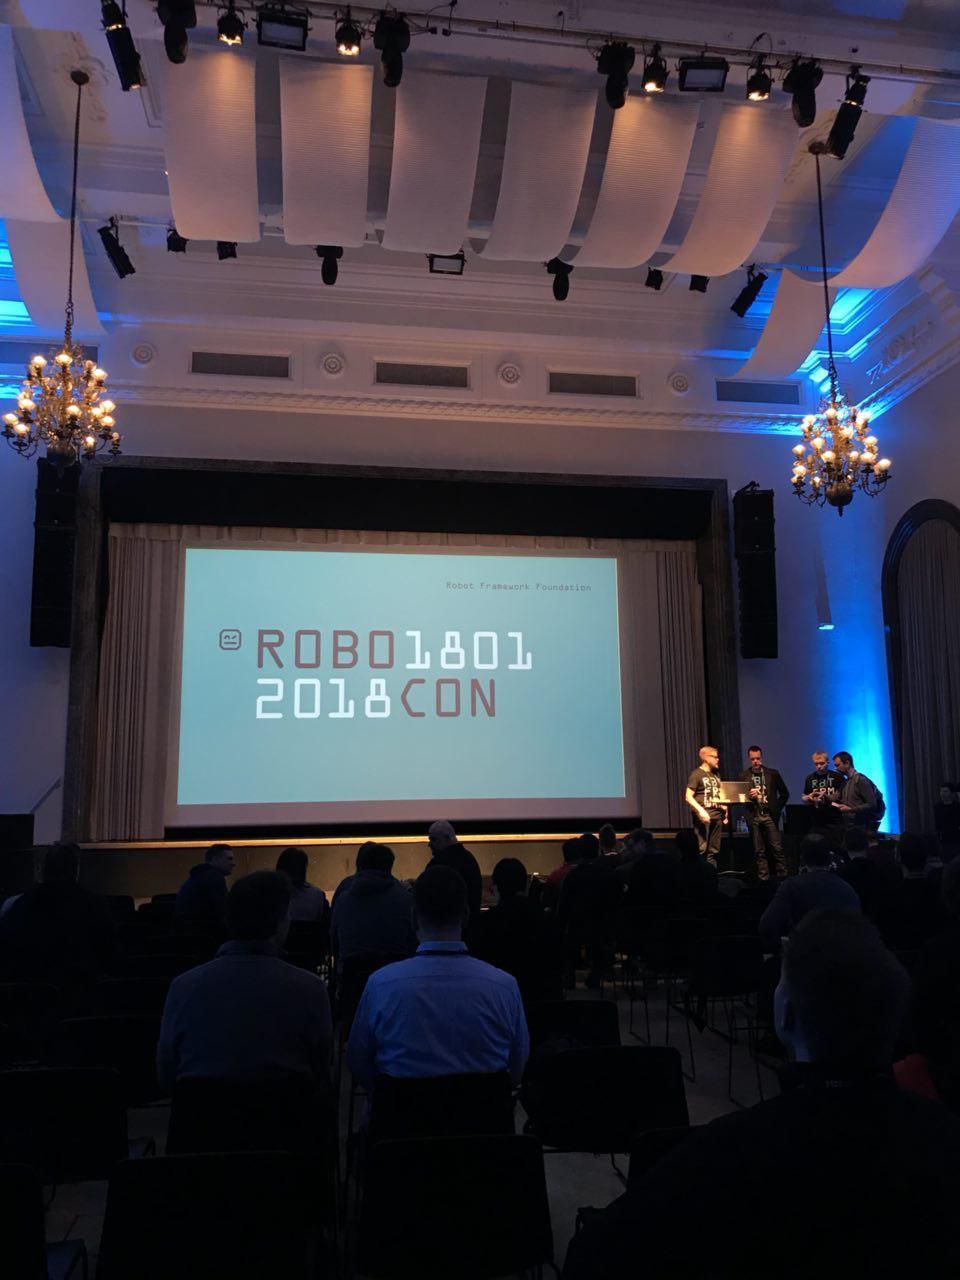 RoboCon 2018